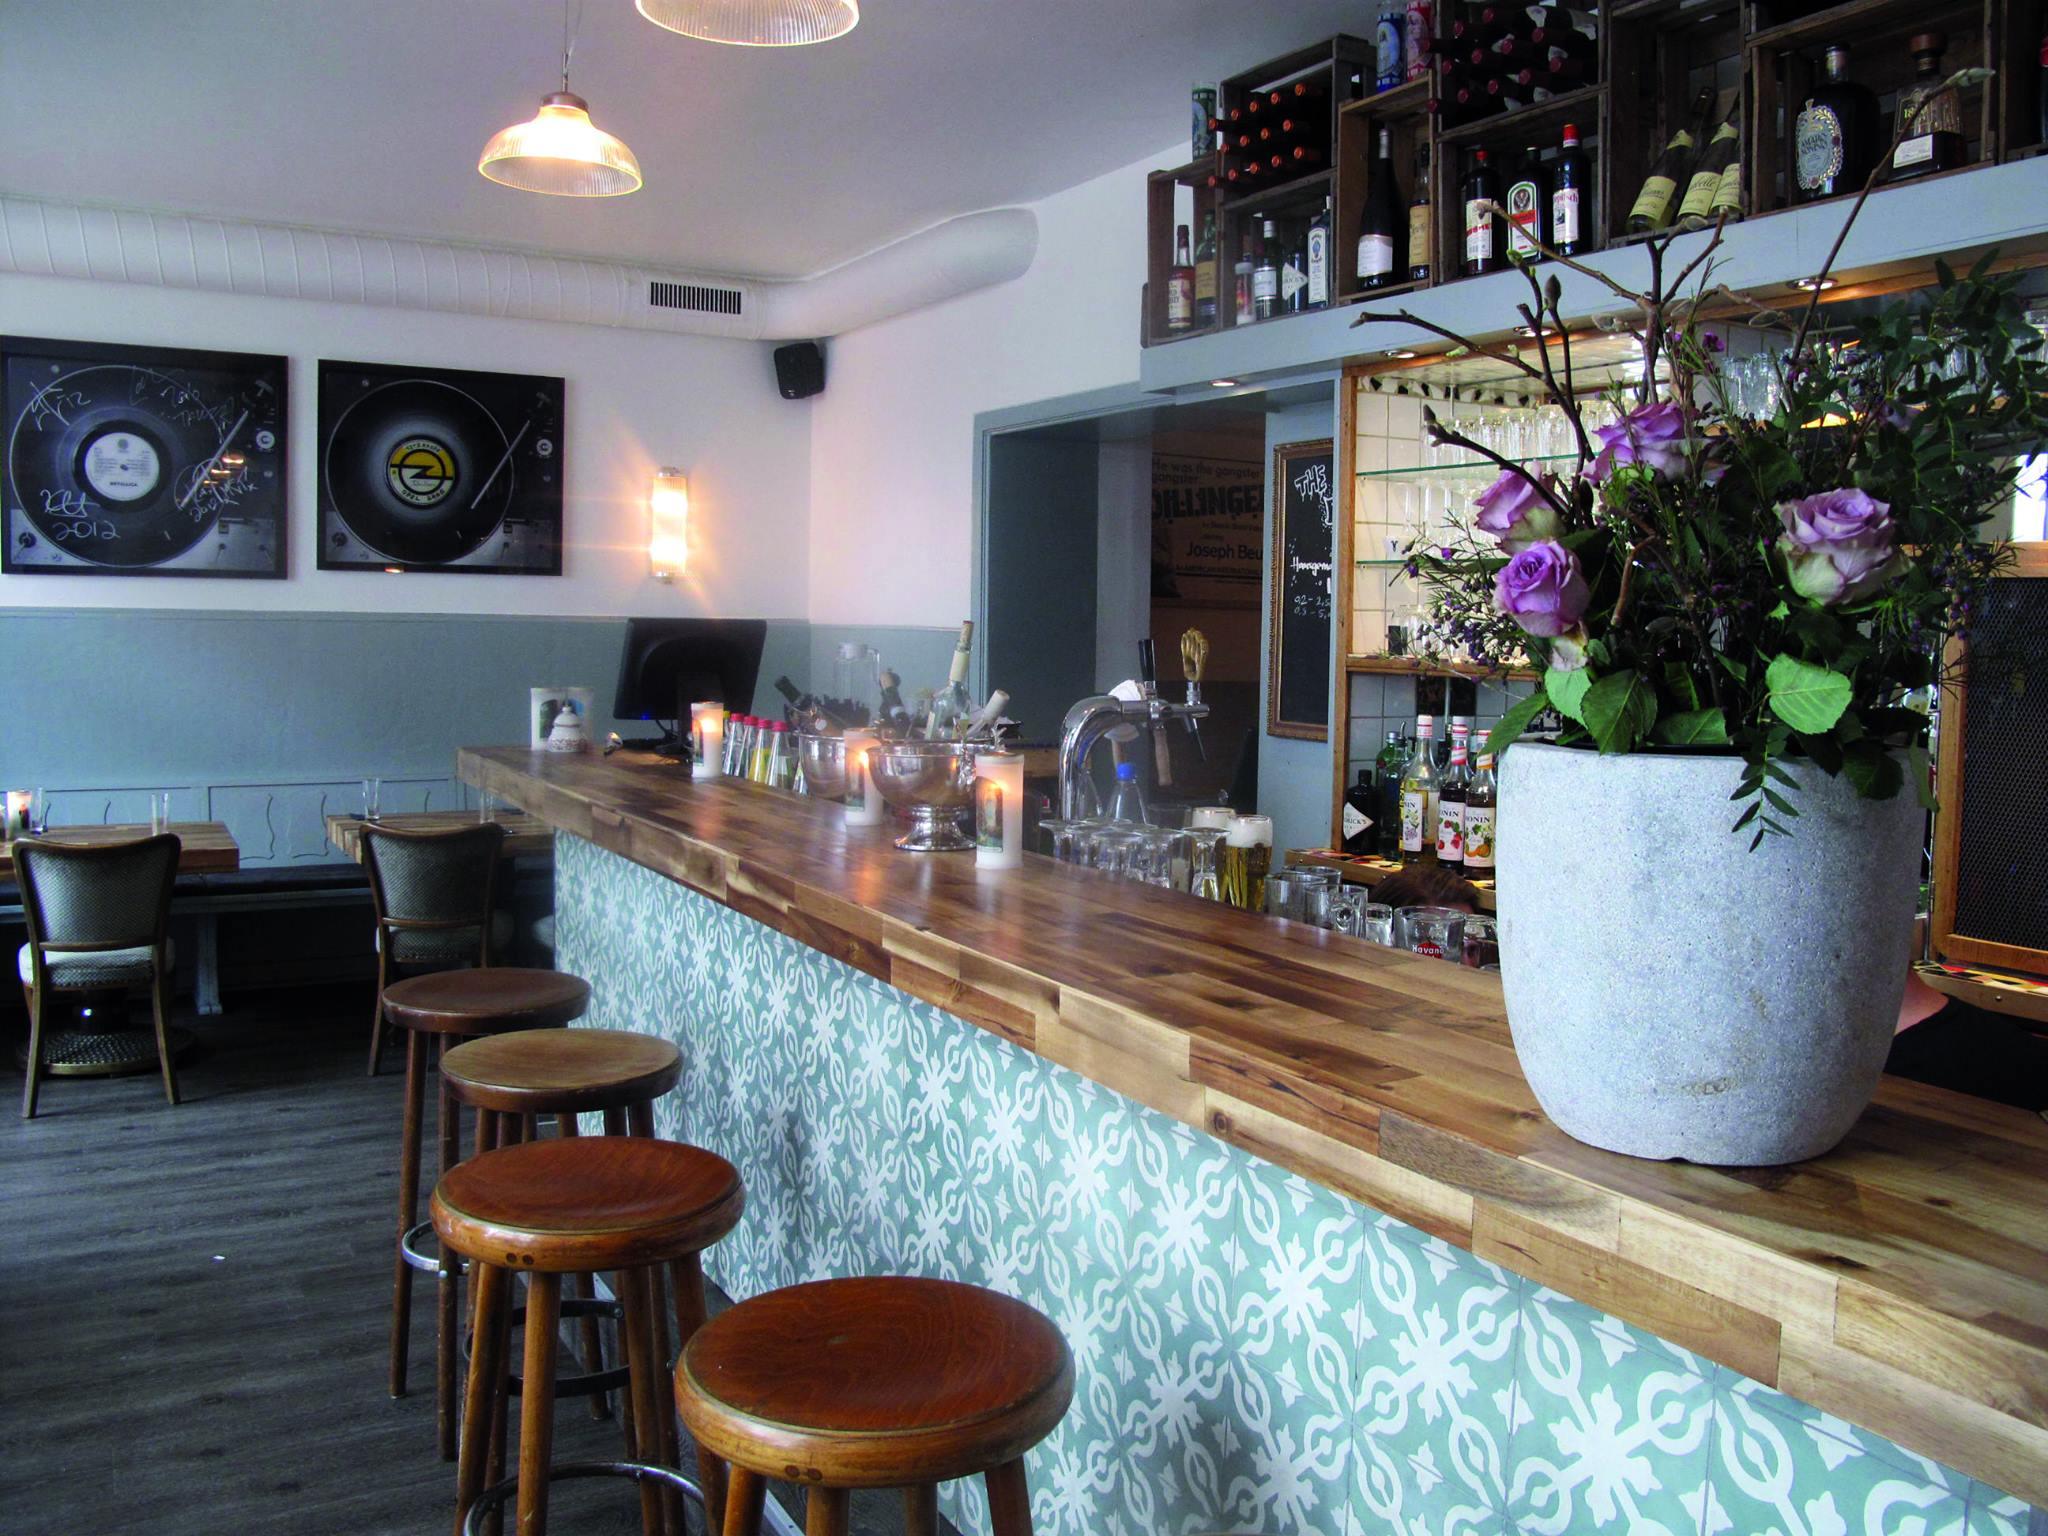 The BRONX BAR - 2 Zimmer, Küche, Diele, Bar in Flingern Süd